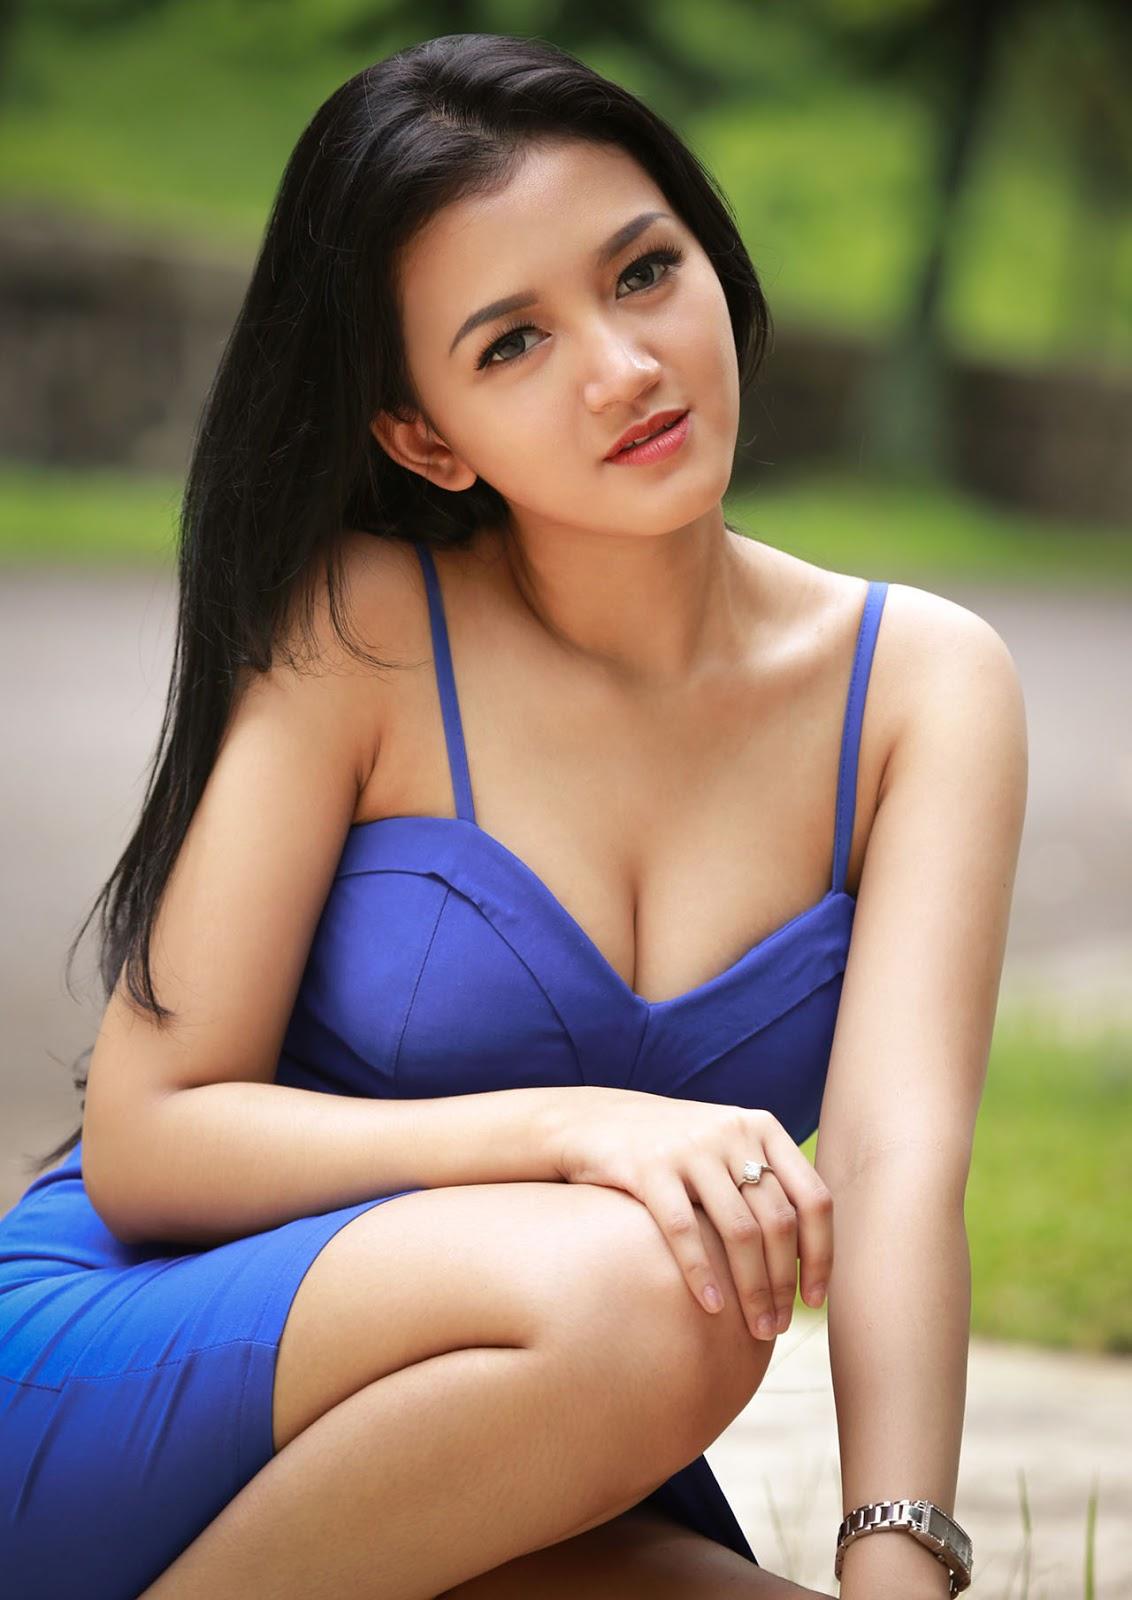 Hot indo girl — img 15